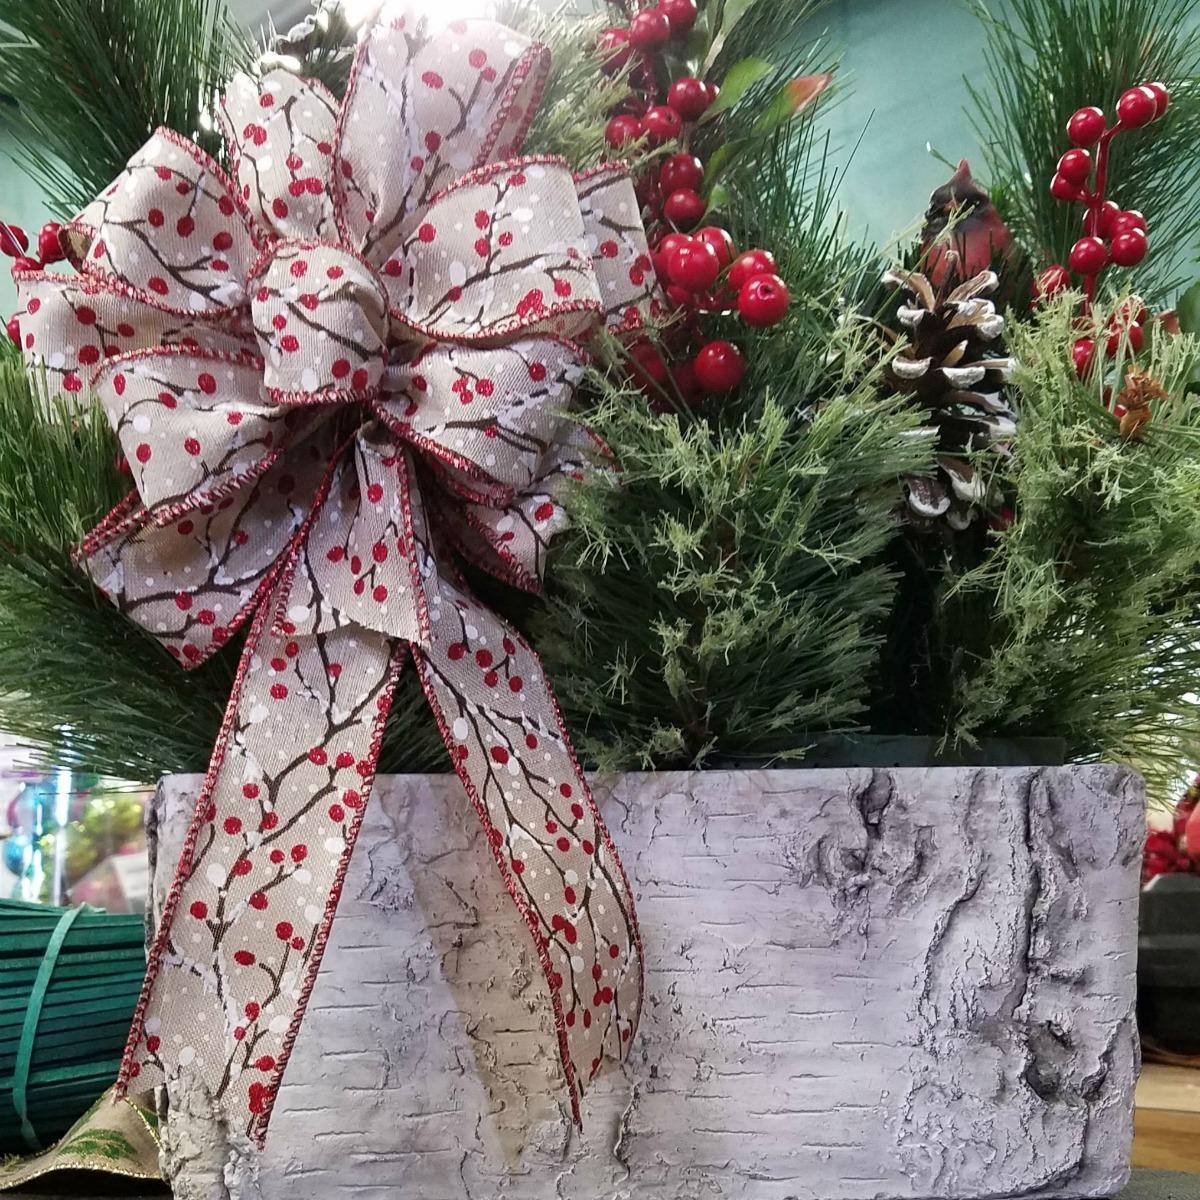 Herbeins Garden Center Christmas Centerpiece